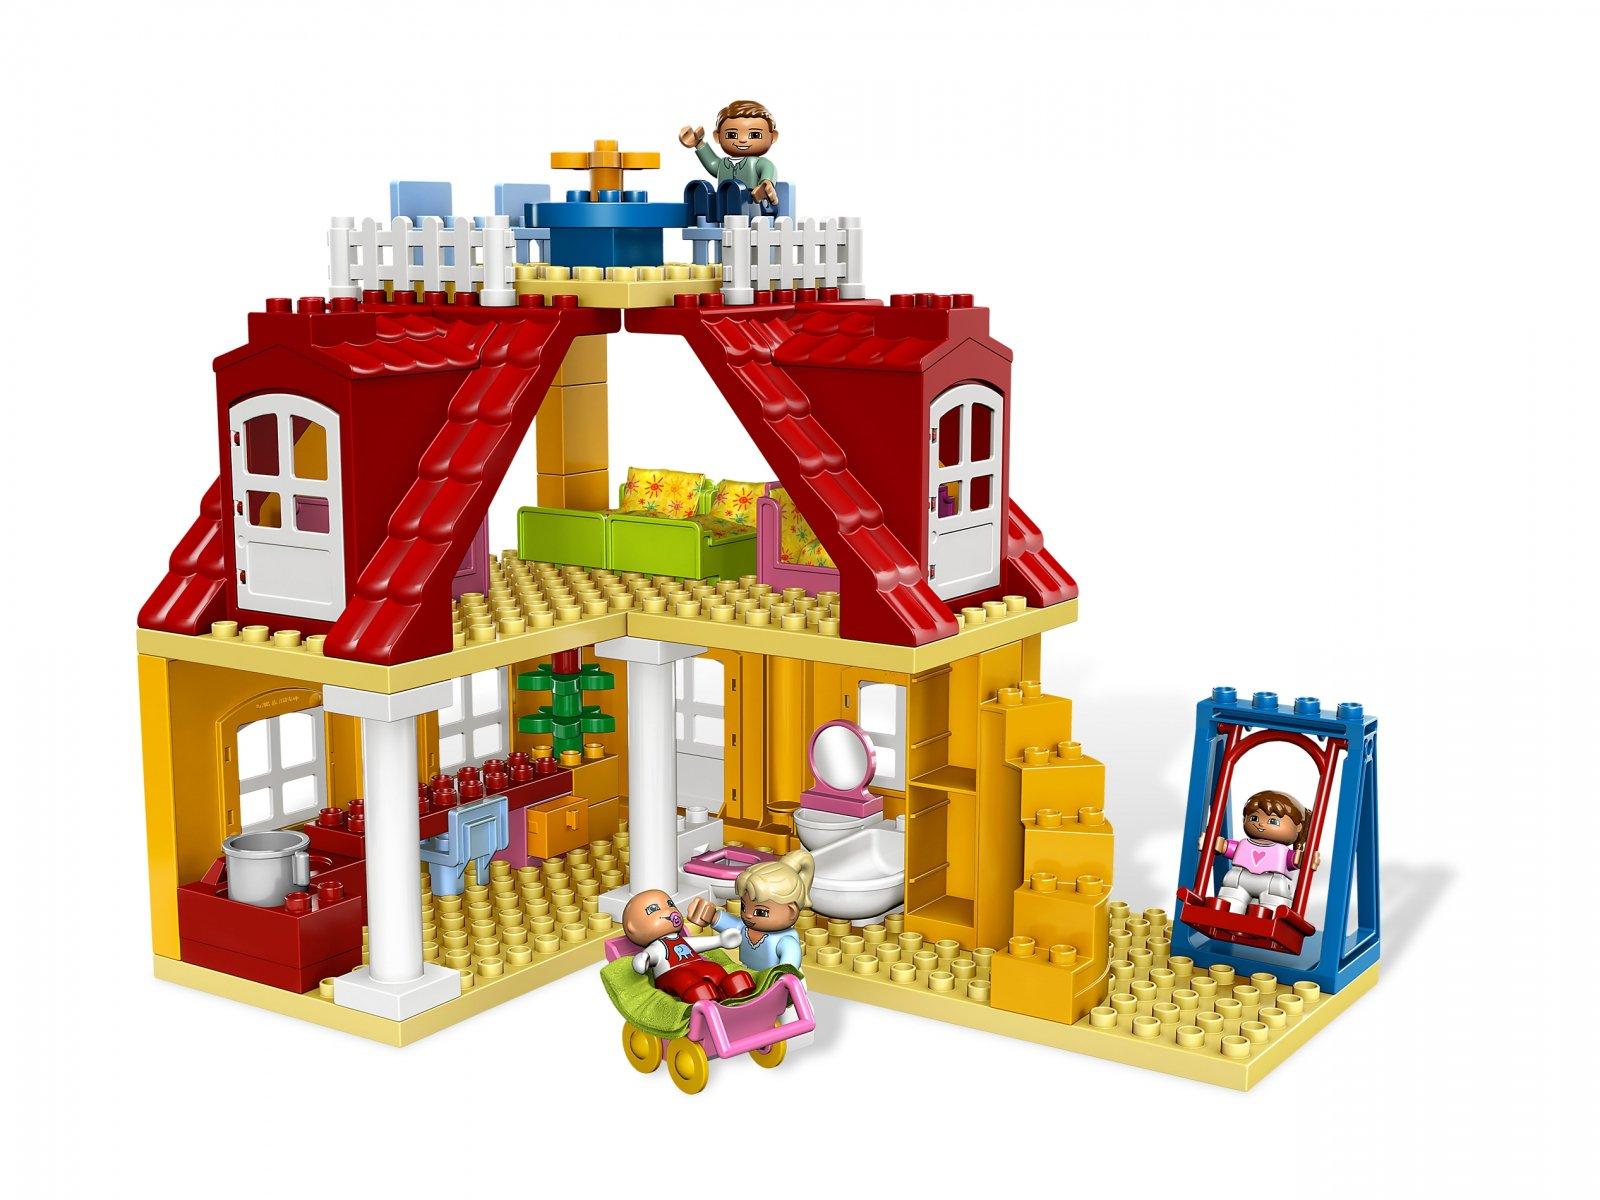 Lego 5639 Duplo Dom Rodzinny Porównaj Ceny Zklockówpl